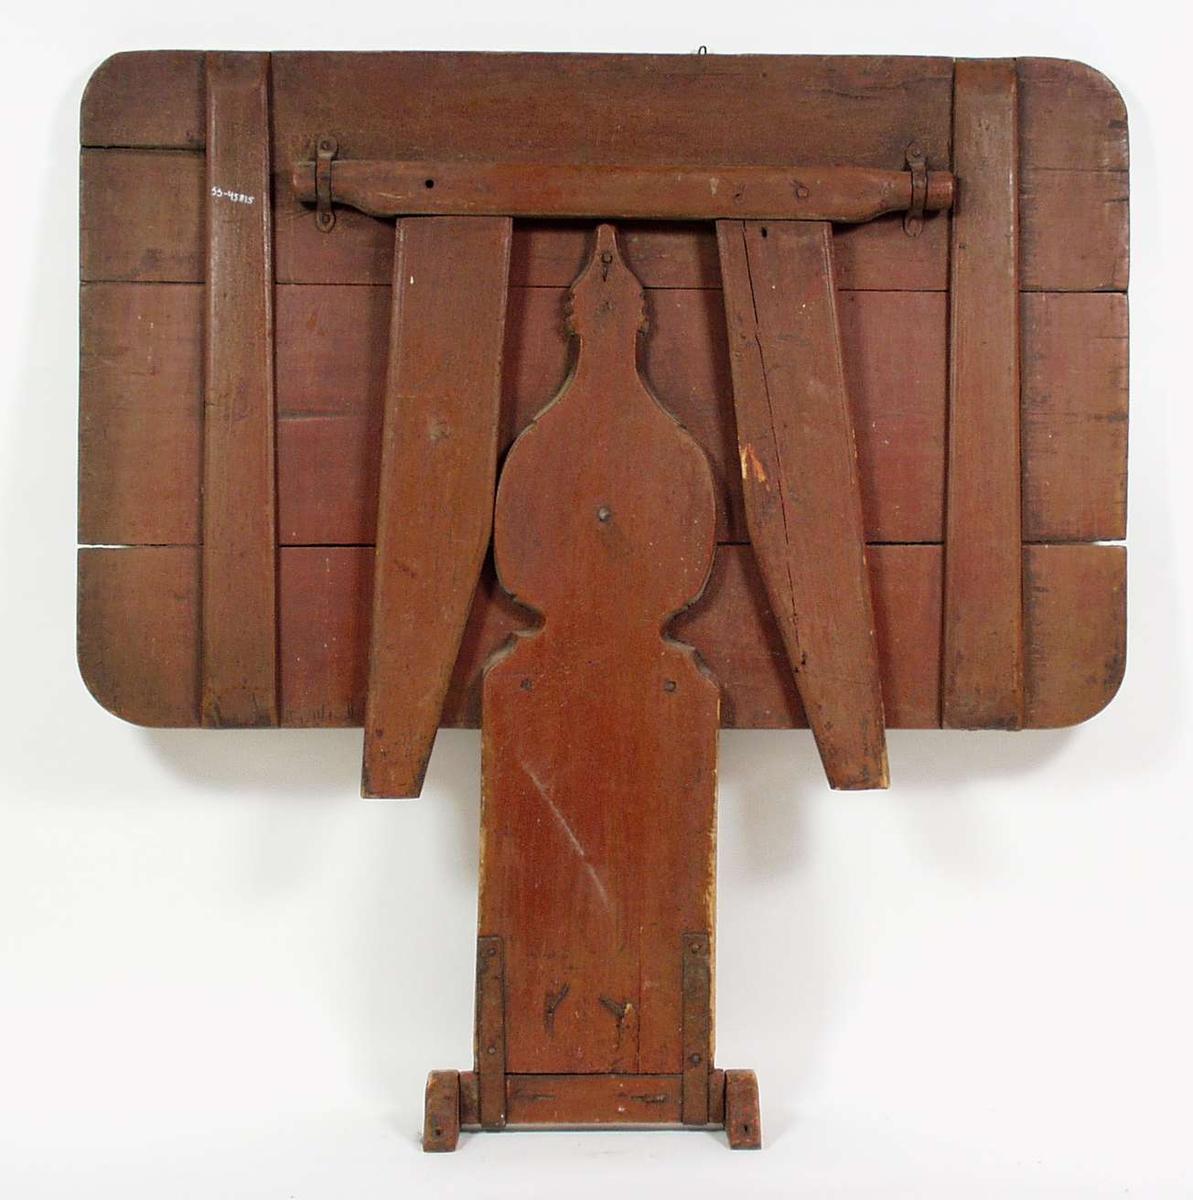 Firkantet klaffebord av furu som festes med fire spiker inntil en vegg. Bordet er malt i rødbrun farge. Kan slås opp. Planken under bordplaten har utskjæringer og er festet med jernspiker.